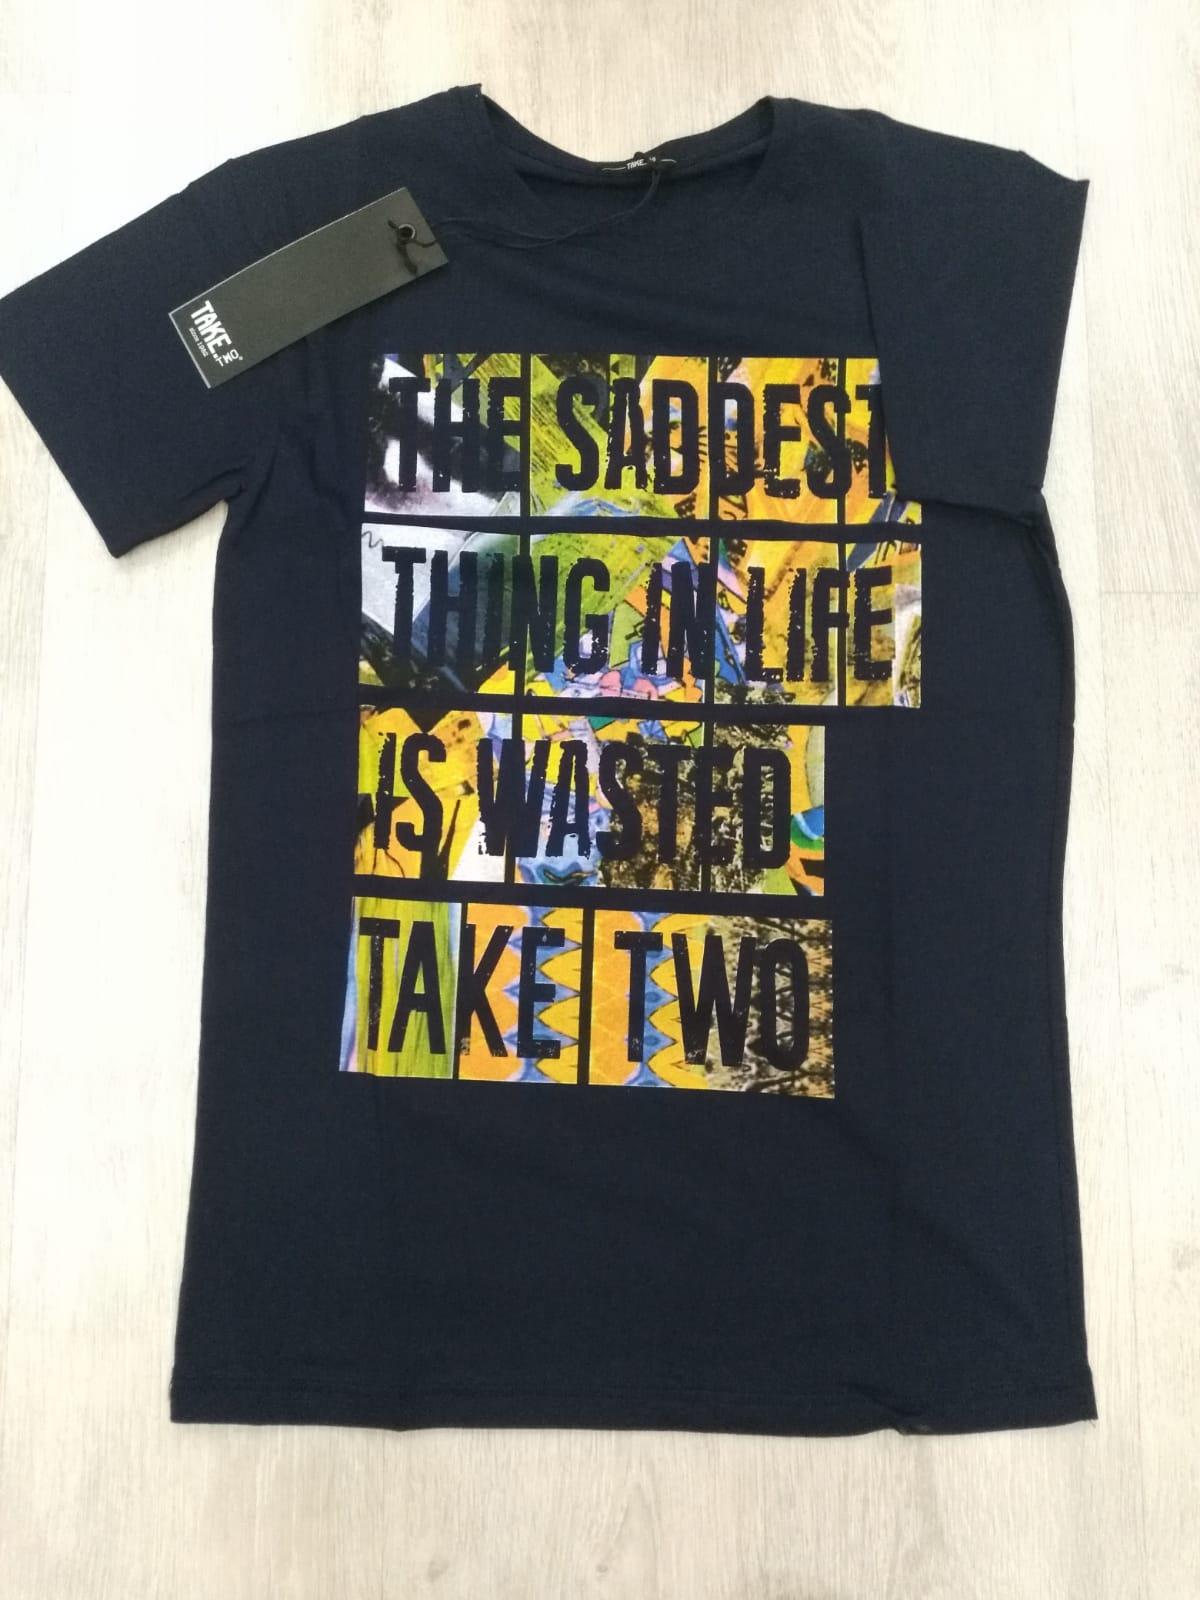 T-SHIRT TAKE-TWO UKE 334 - BLU